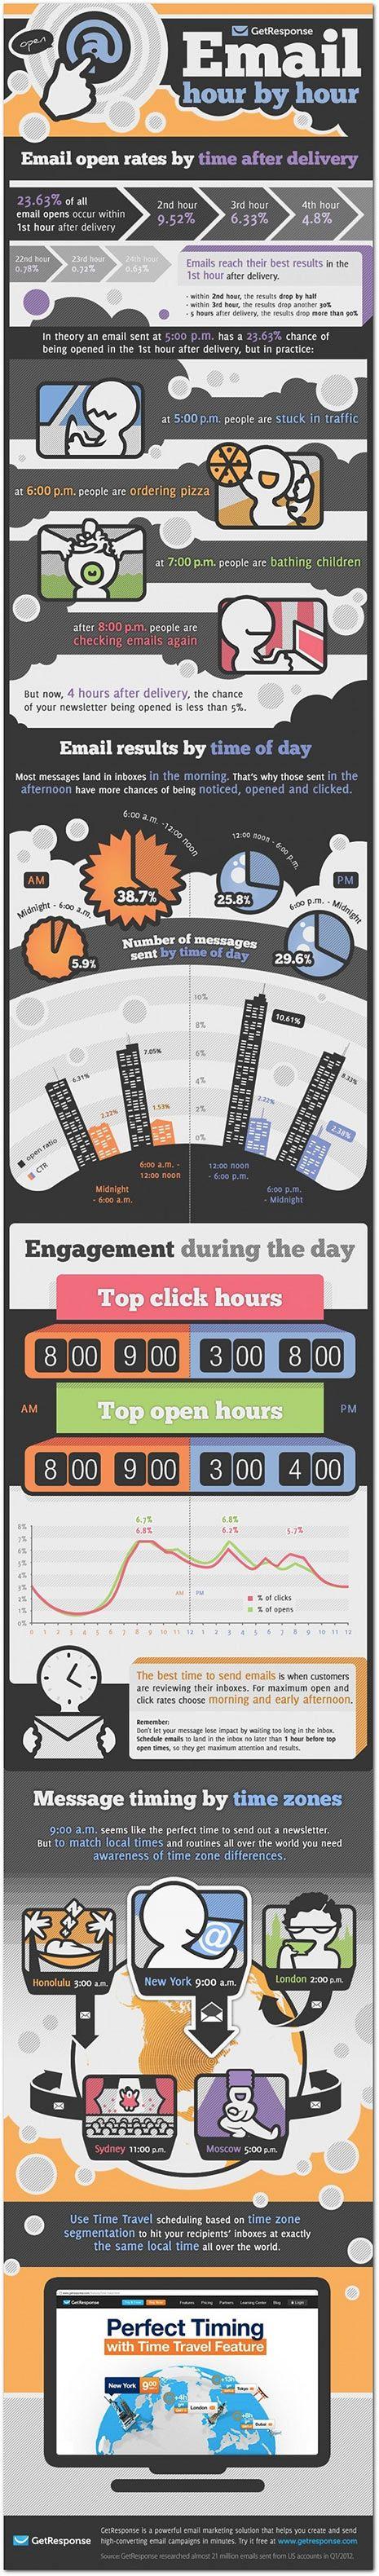 Las mejores y peores horas para enviar un email